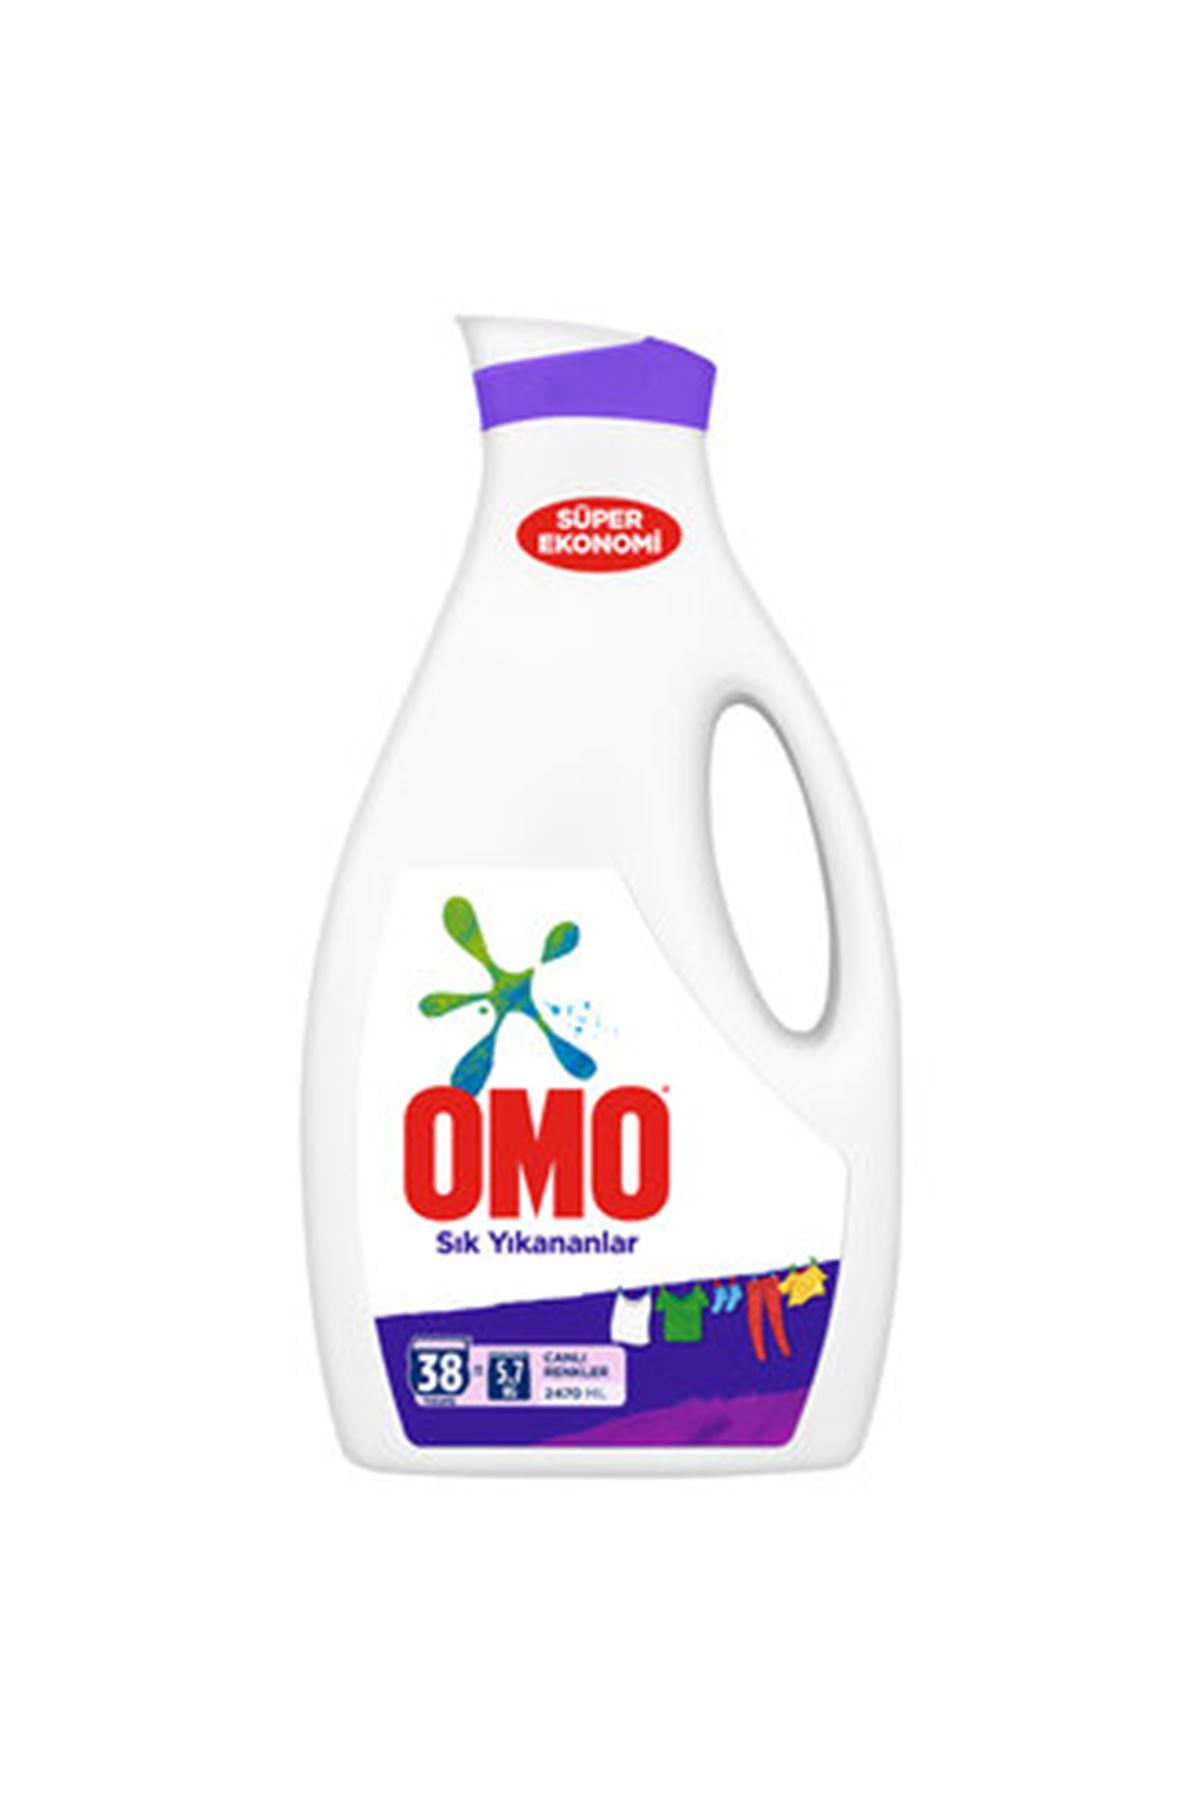 Omo Sıvı Çamaşır Deterjanı Sık Yıkananlar 2470 ml